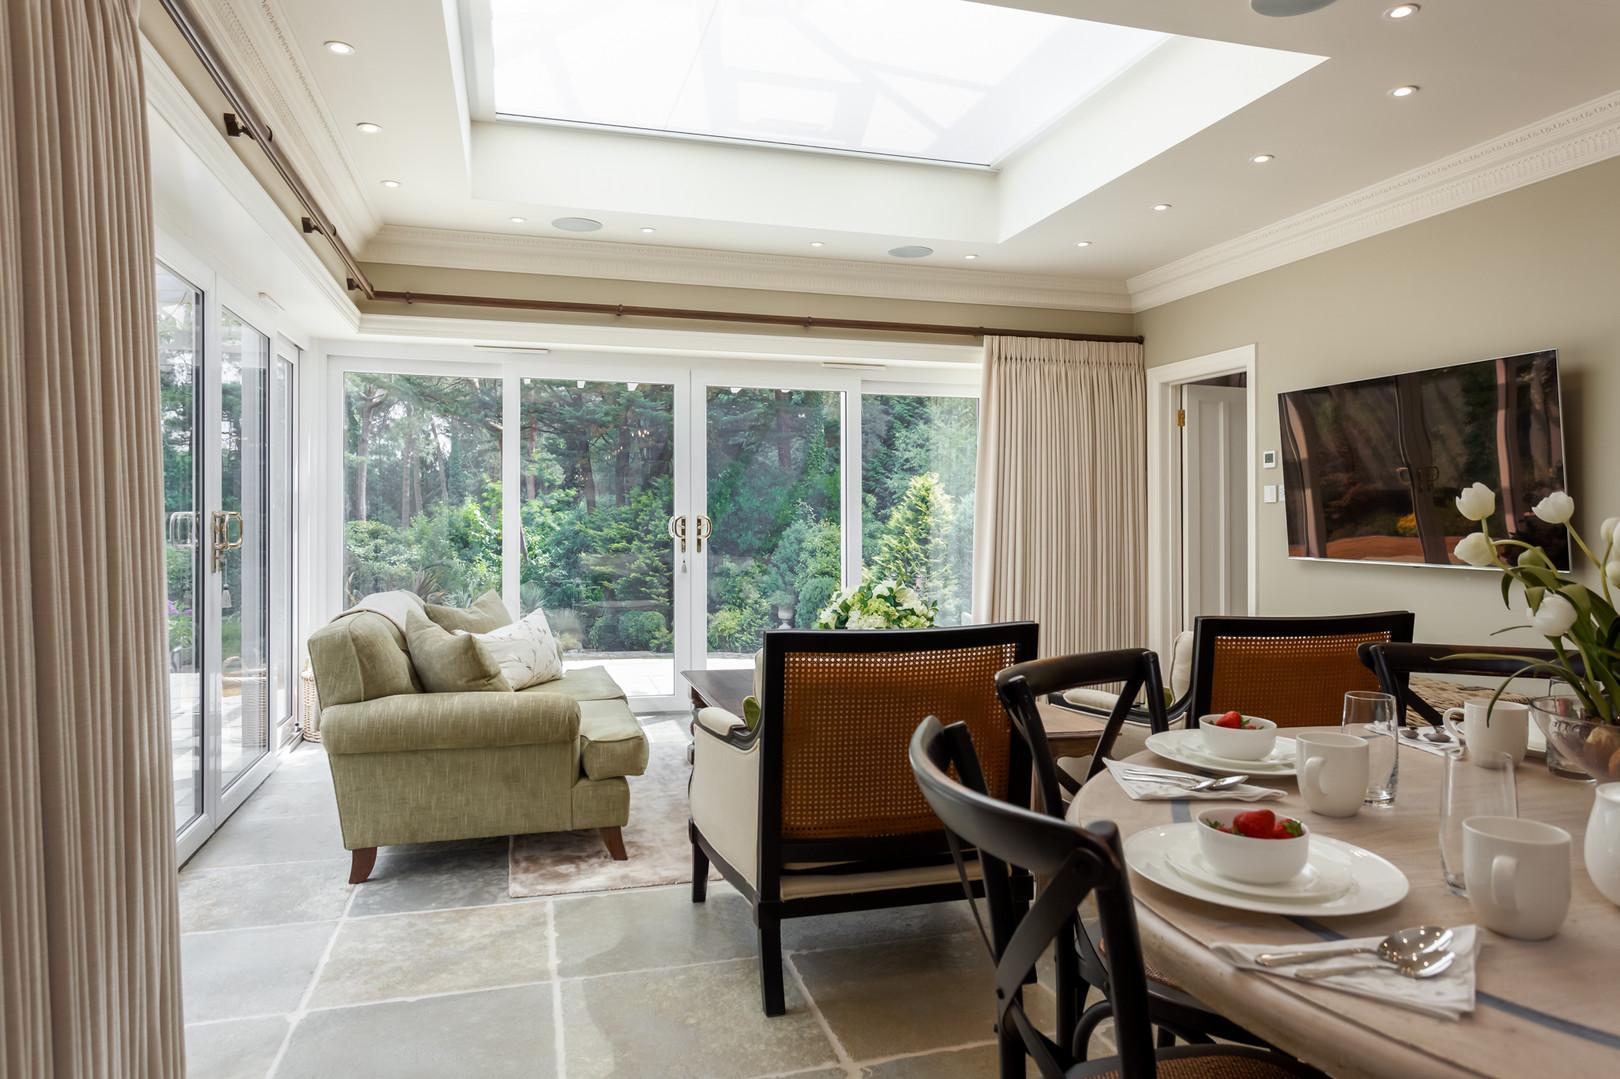 interior designed kitchen_web.jpg